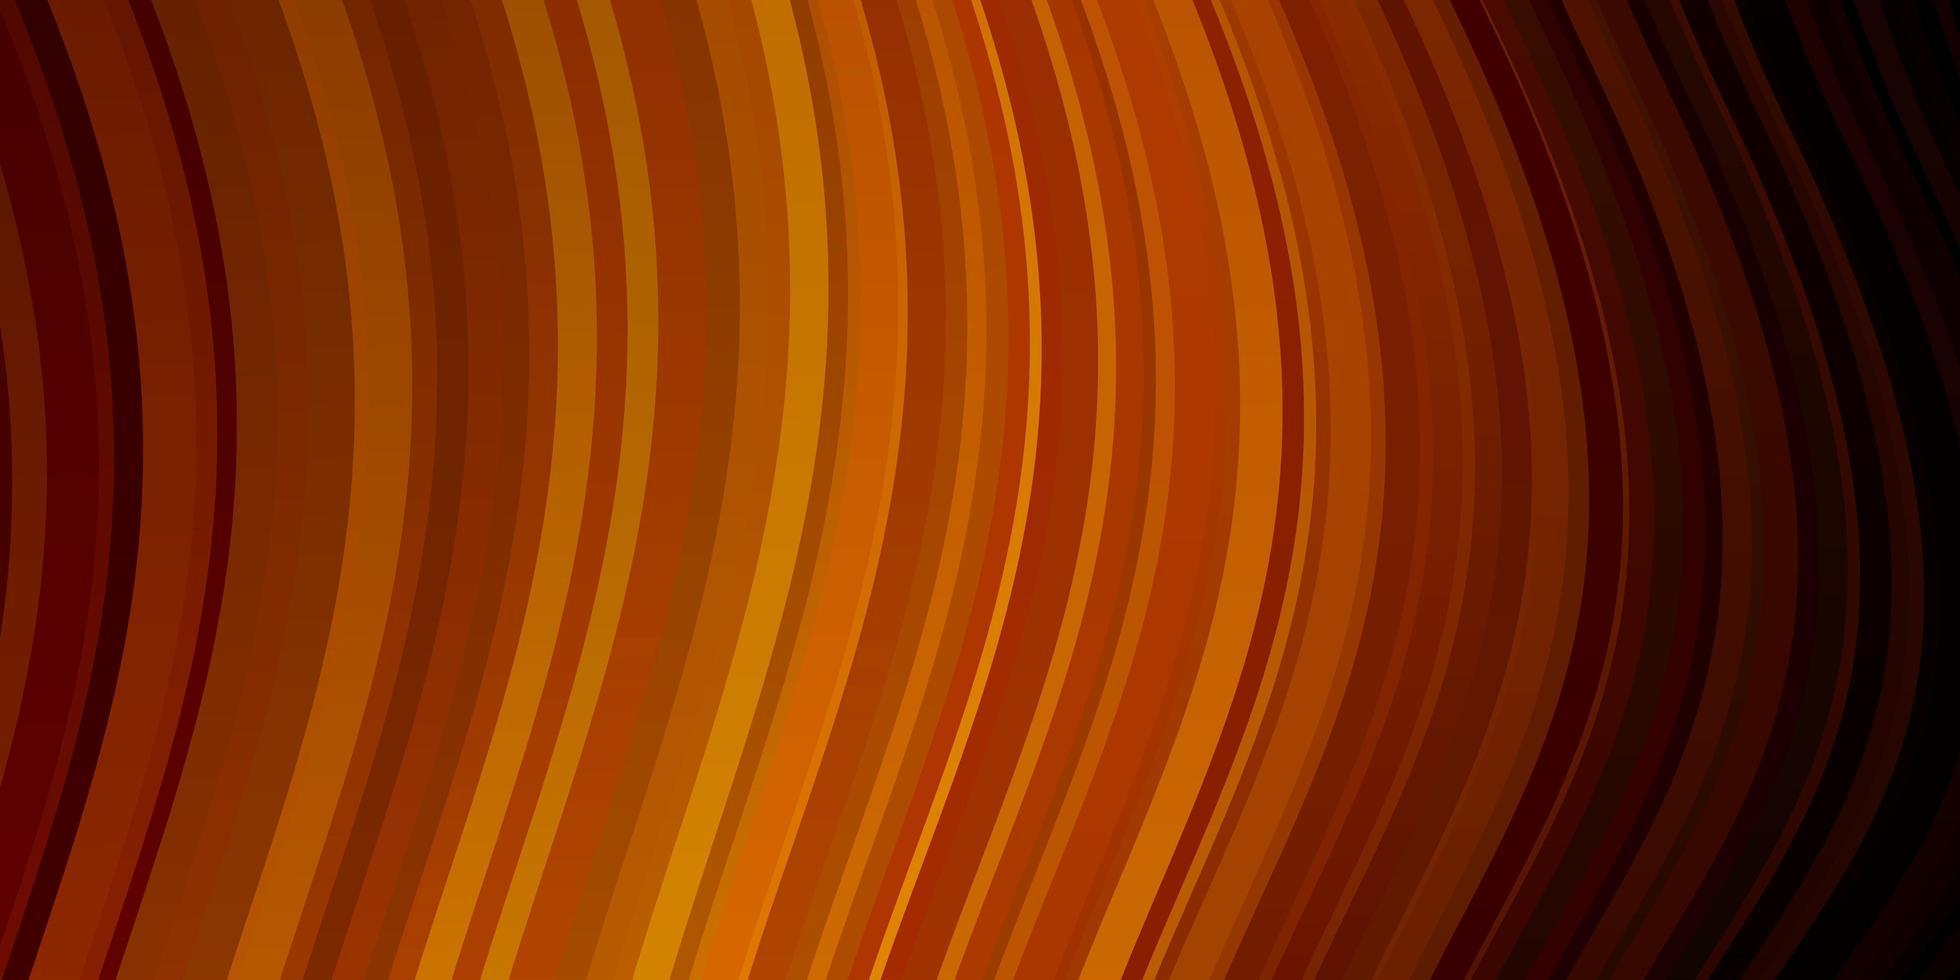 modelo de vetor laranja escuro com linhas.